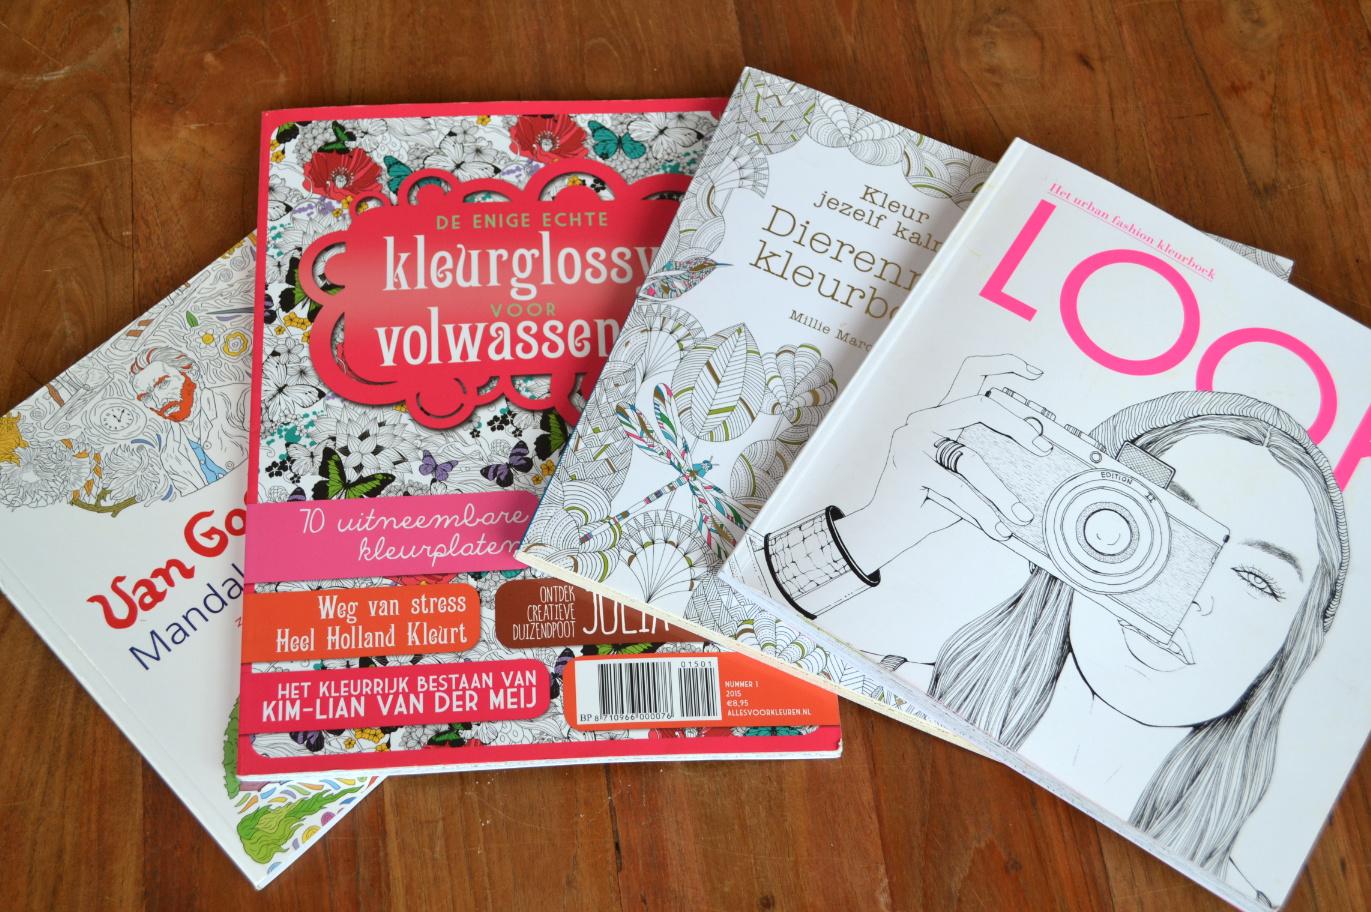 Kleurplaten Volwassenen Waarom.Kleurboeken Voor Volwassenen Een Hype Of Nodeloos Tijd Verdoen